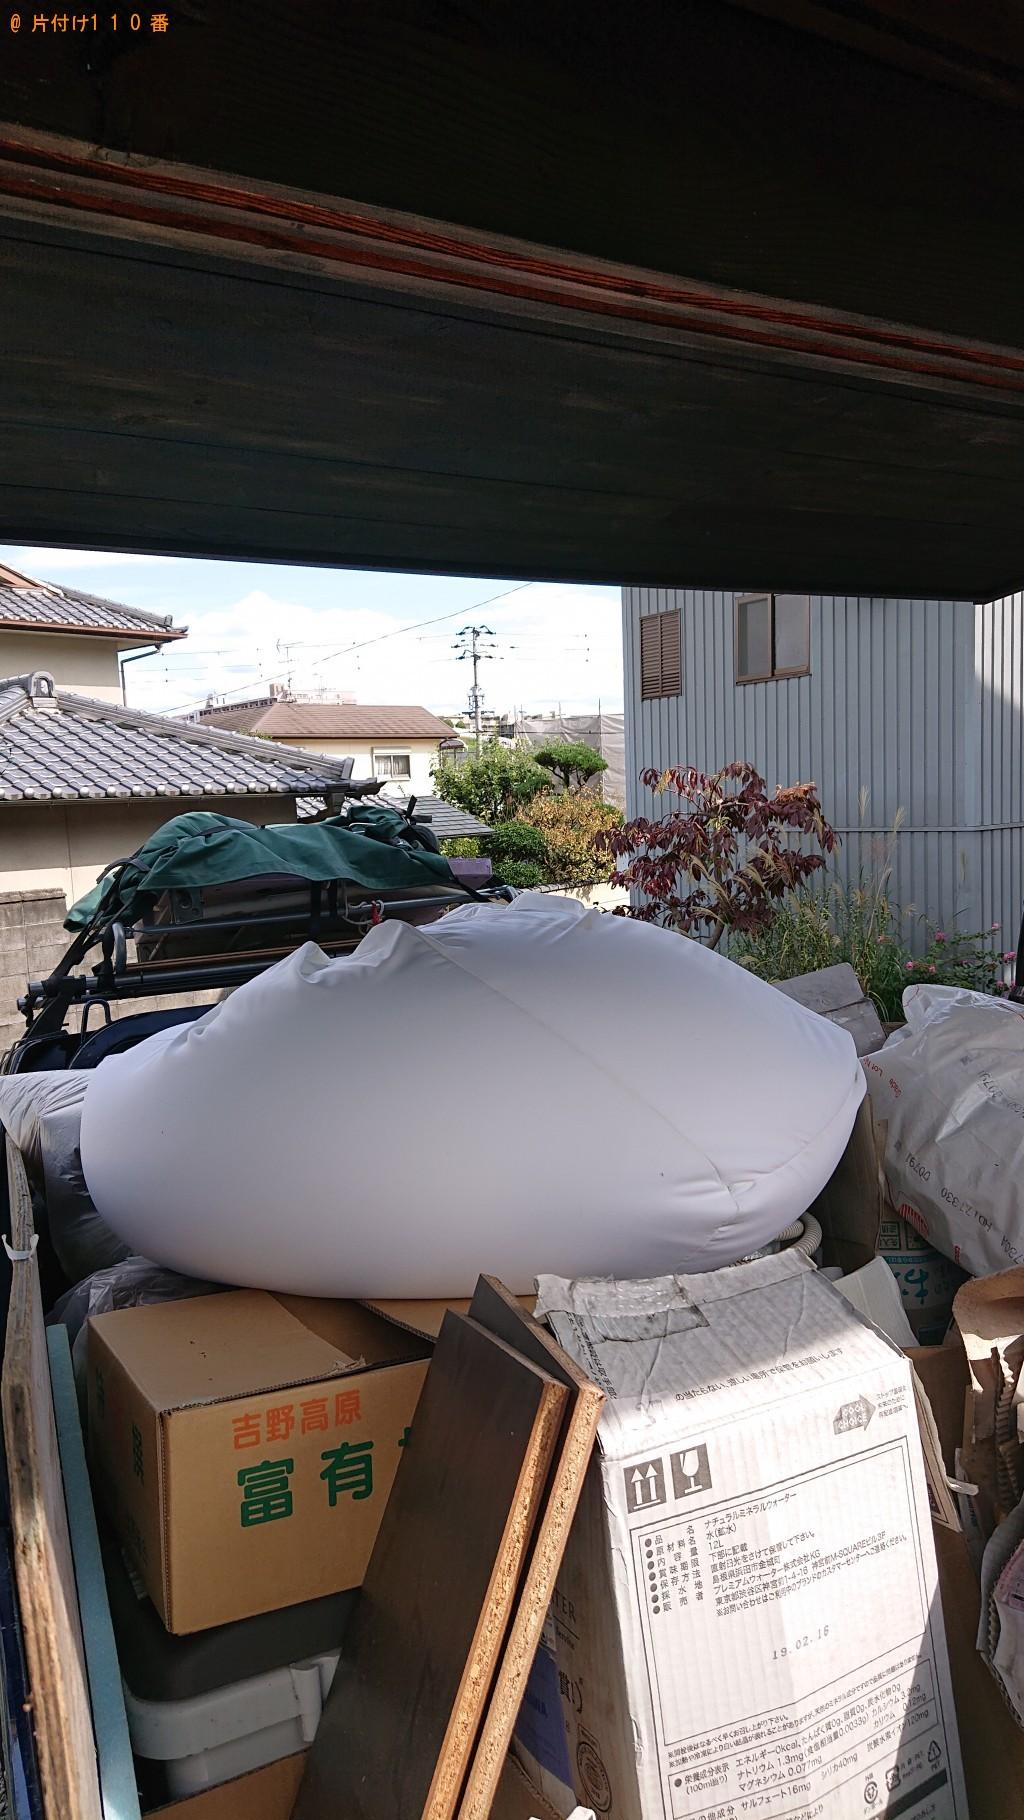 【奈良市】衣装ケース、ごみ箱、ダンボール等の回収・処分 お客様の声